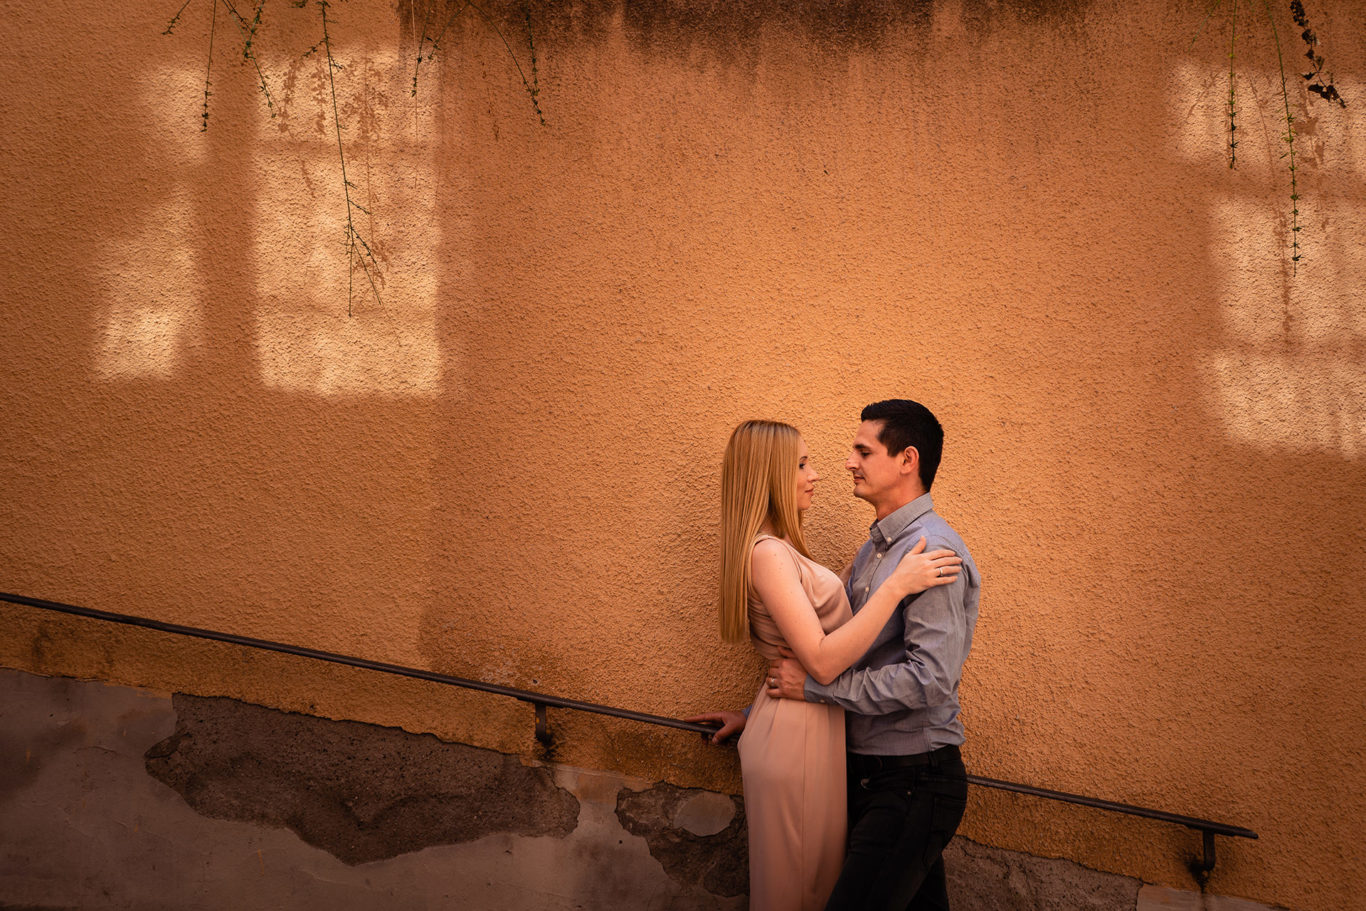 Sedinta foto dupa nunta in Elvetia - Alexandra & Ovidiu - fotograf nunta Elvetia - Ciprian Dumitrescu - wedding destination photographer